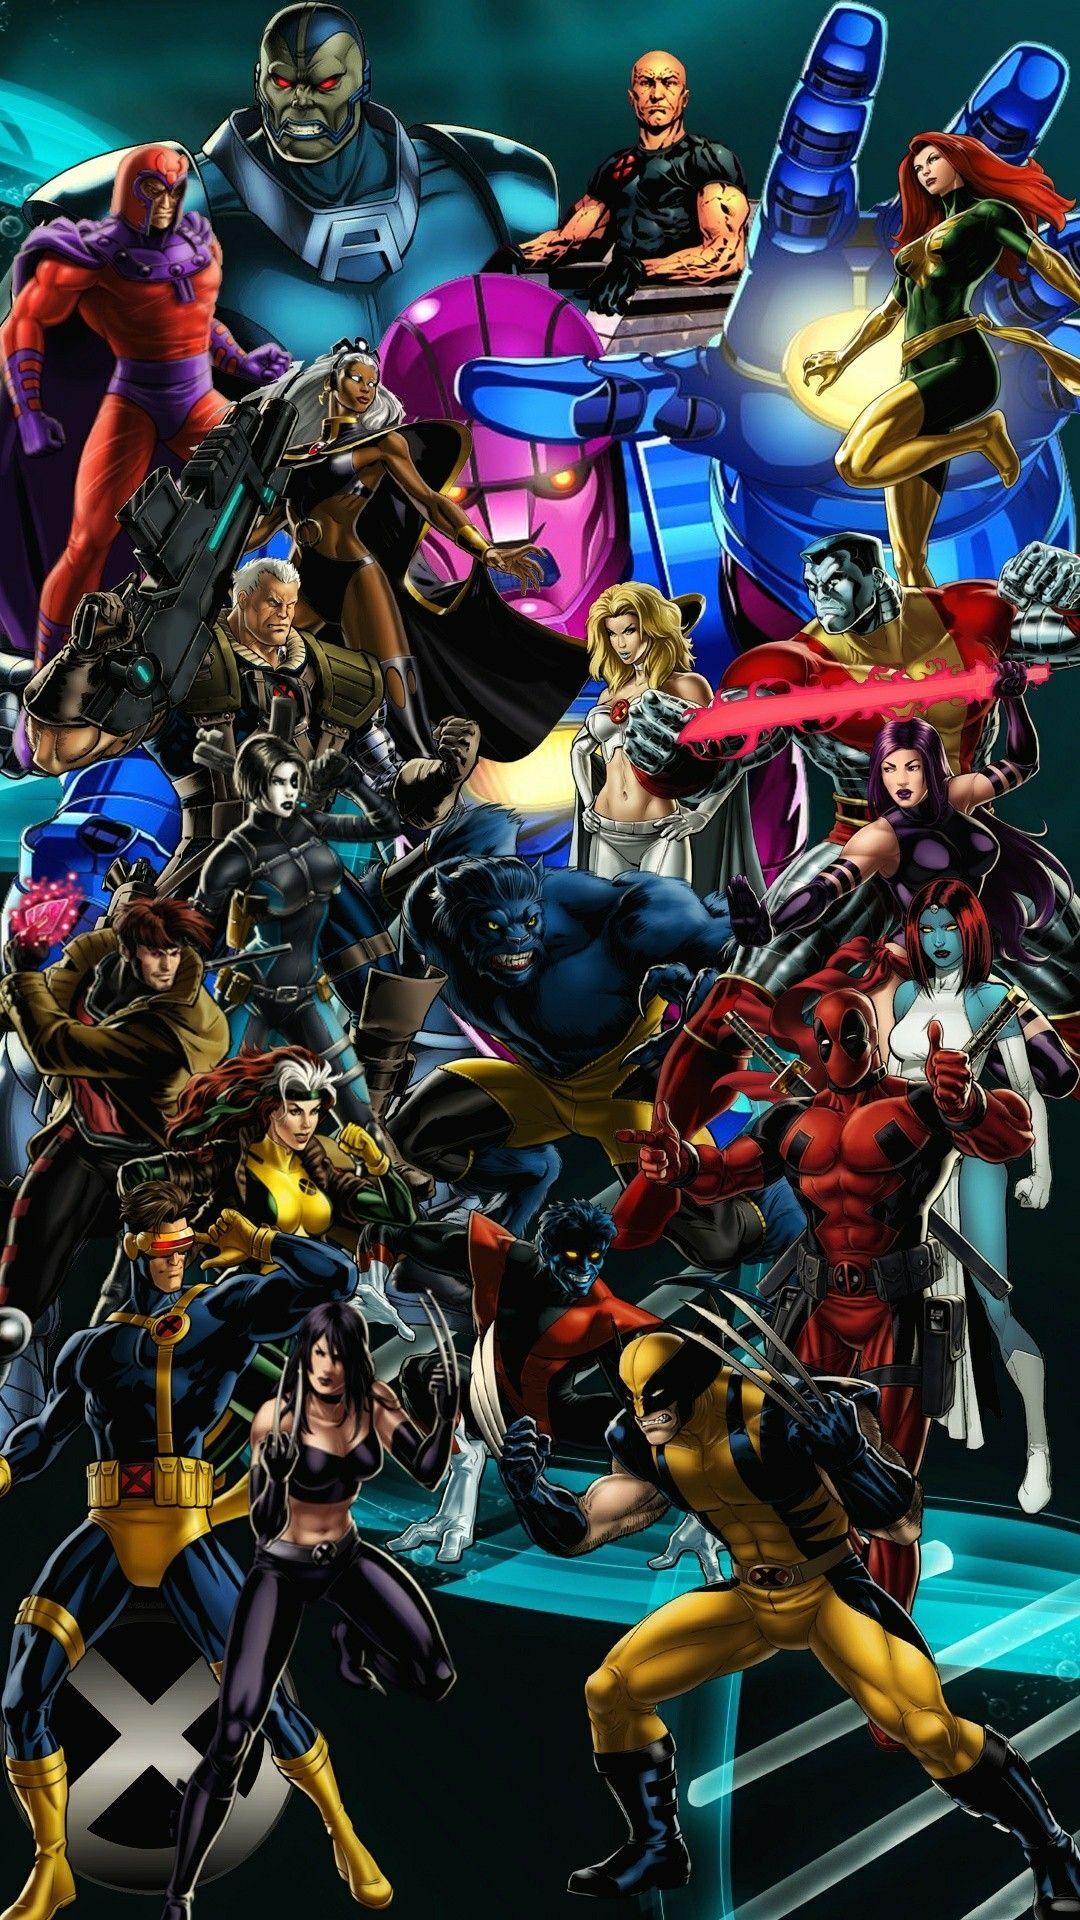 X Men Wallpaper For Smartphone Marvel Xmen Marvel Comics Marvel